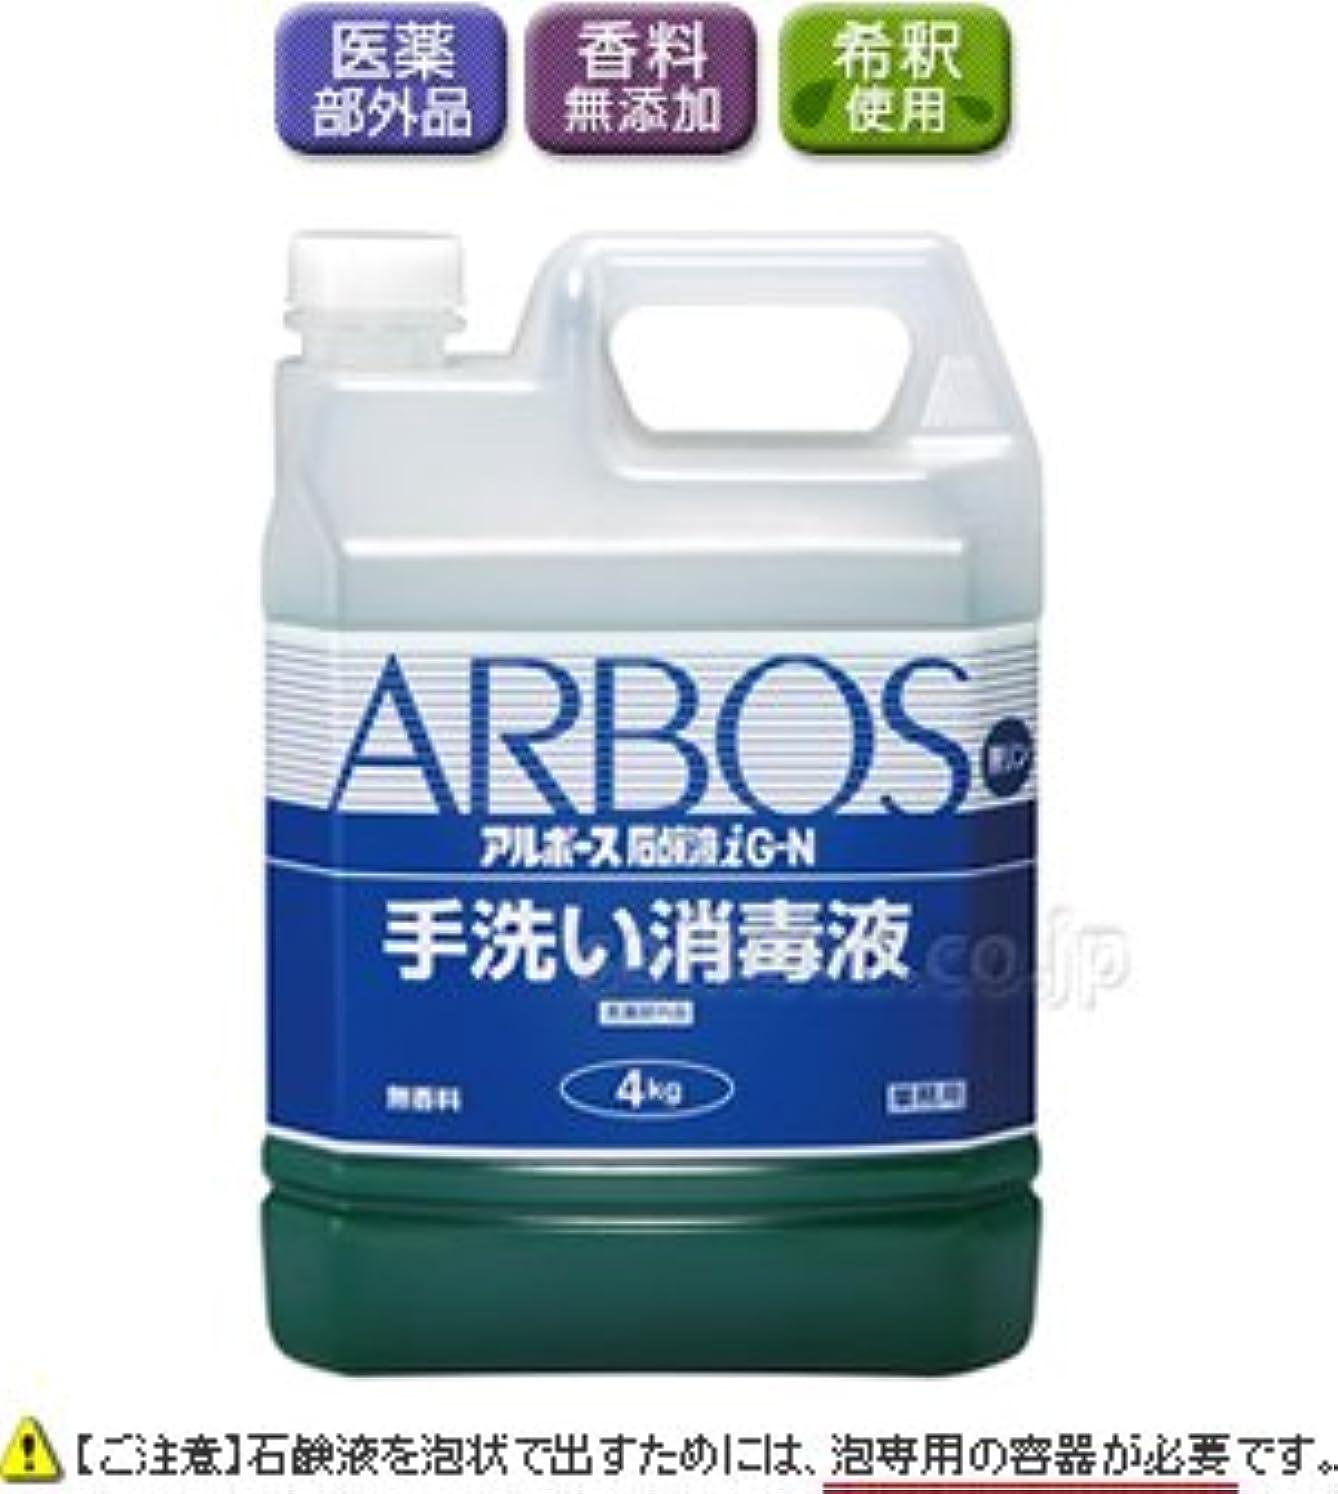 うなる配る水星【清潔キレイ館】アルボース石鹸液iG-N(4kg×1本)